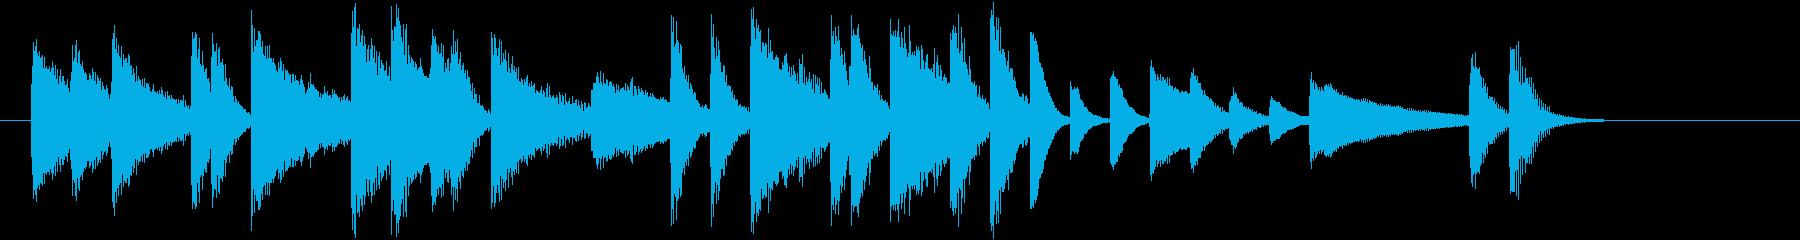 ジングルベルモチーフのピアノジングルCの再生済みの波形